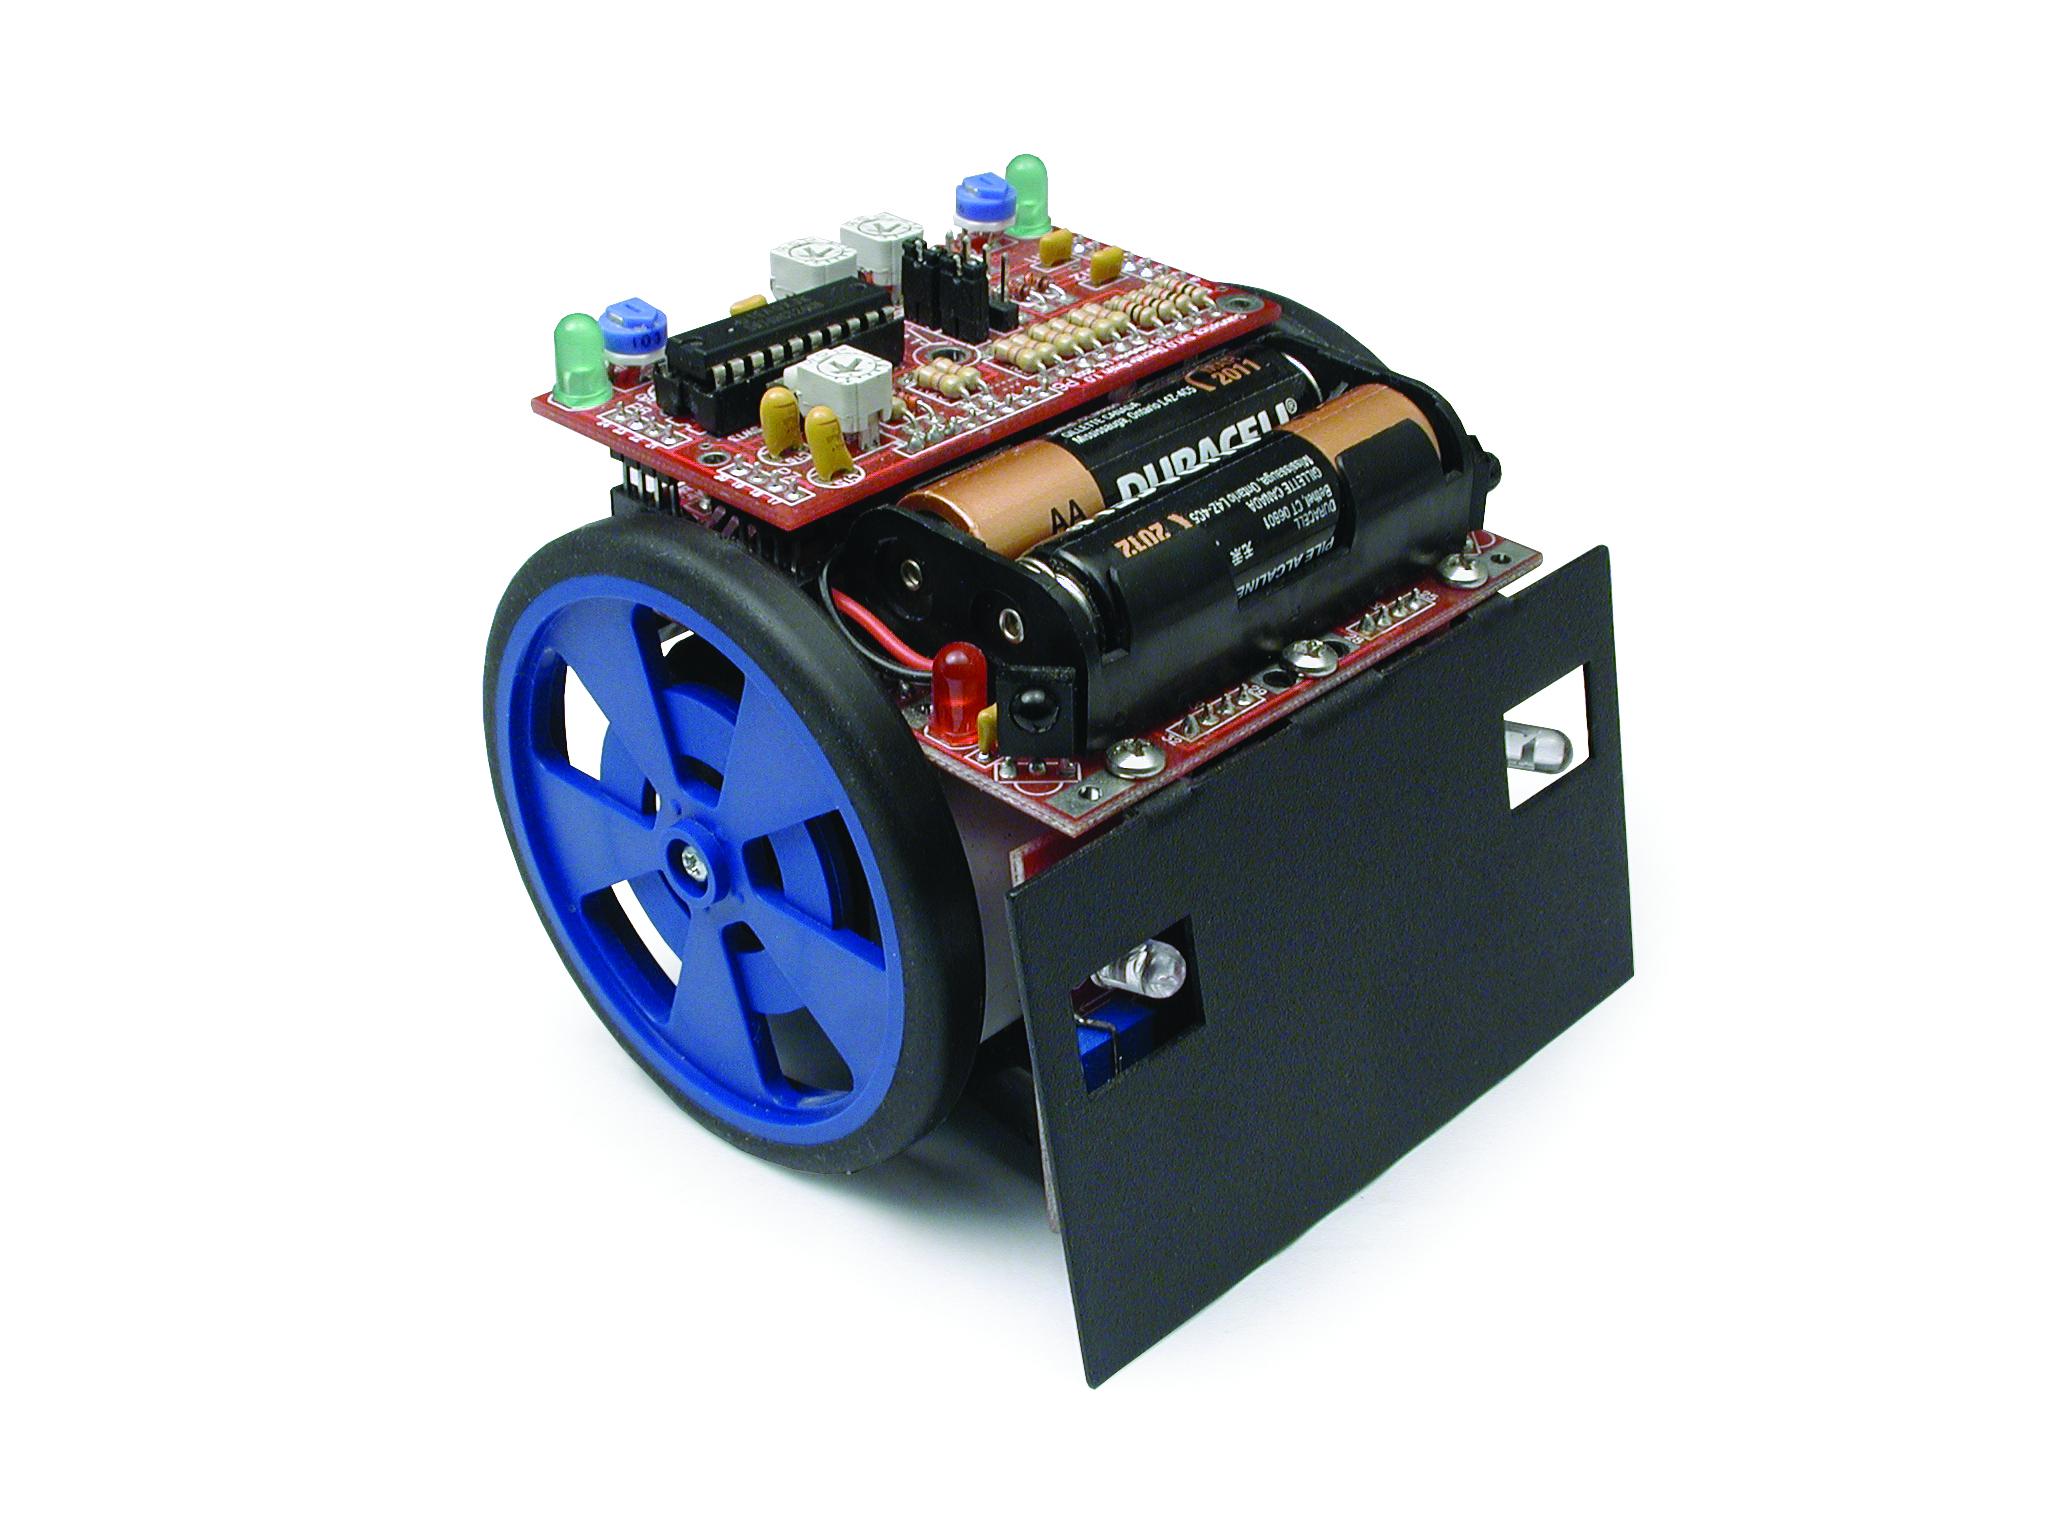 Sumovore Mini-Sumo Robotics Platform